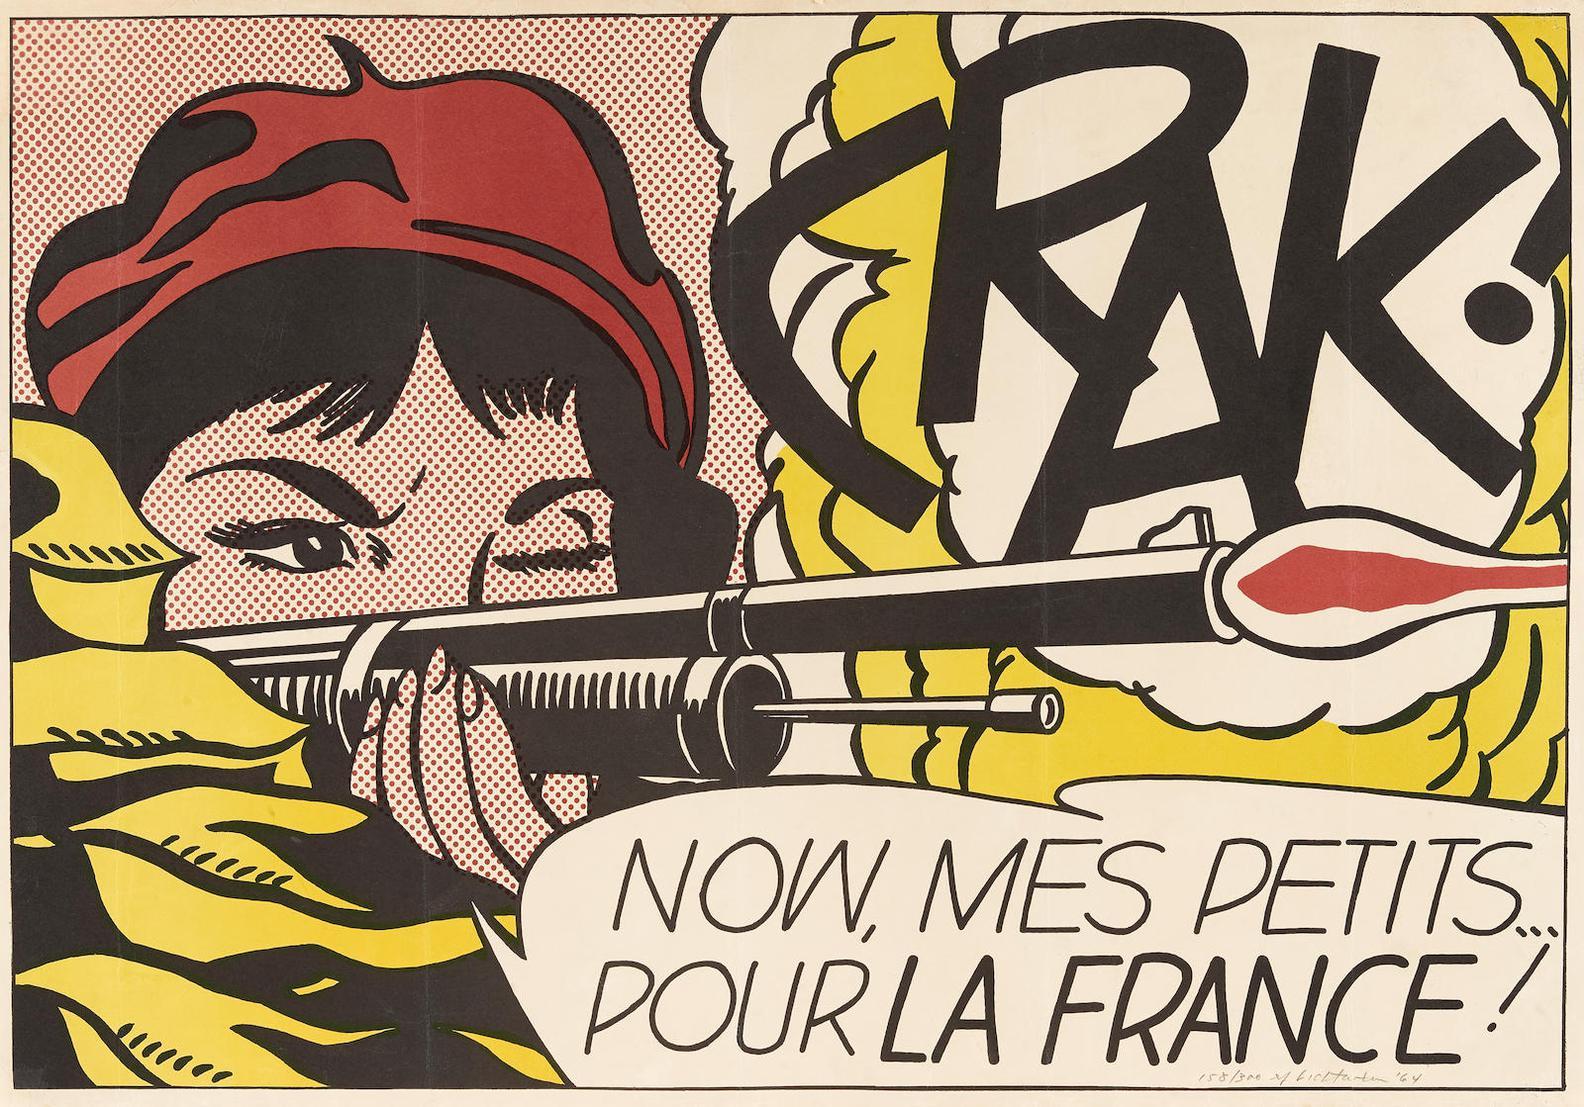 Roy Lichtenstein-Crak! (C. II.2)-1964